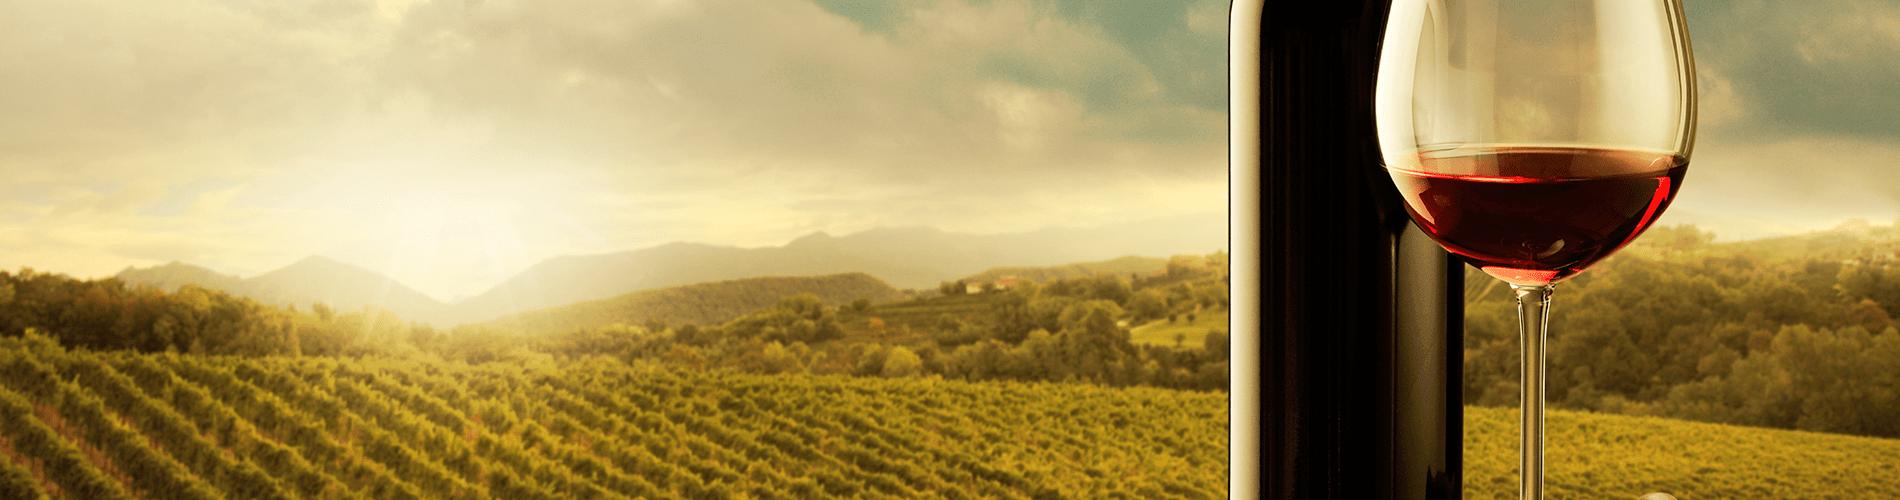 Slider el vino nace en la viña